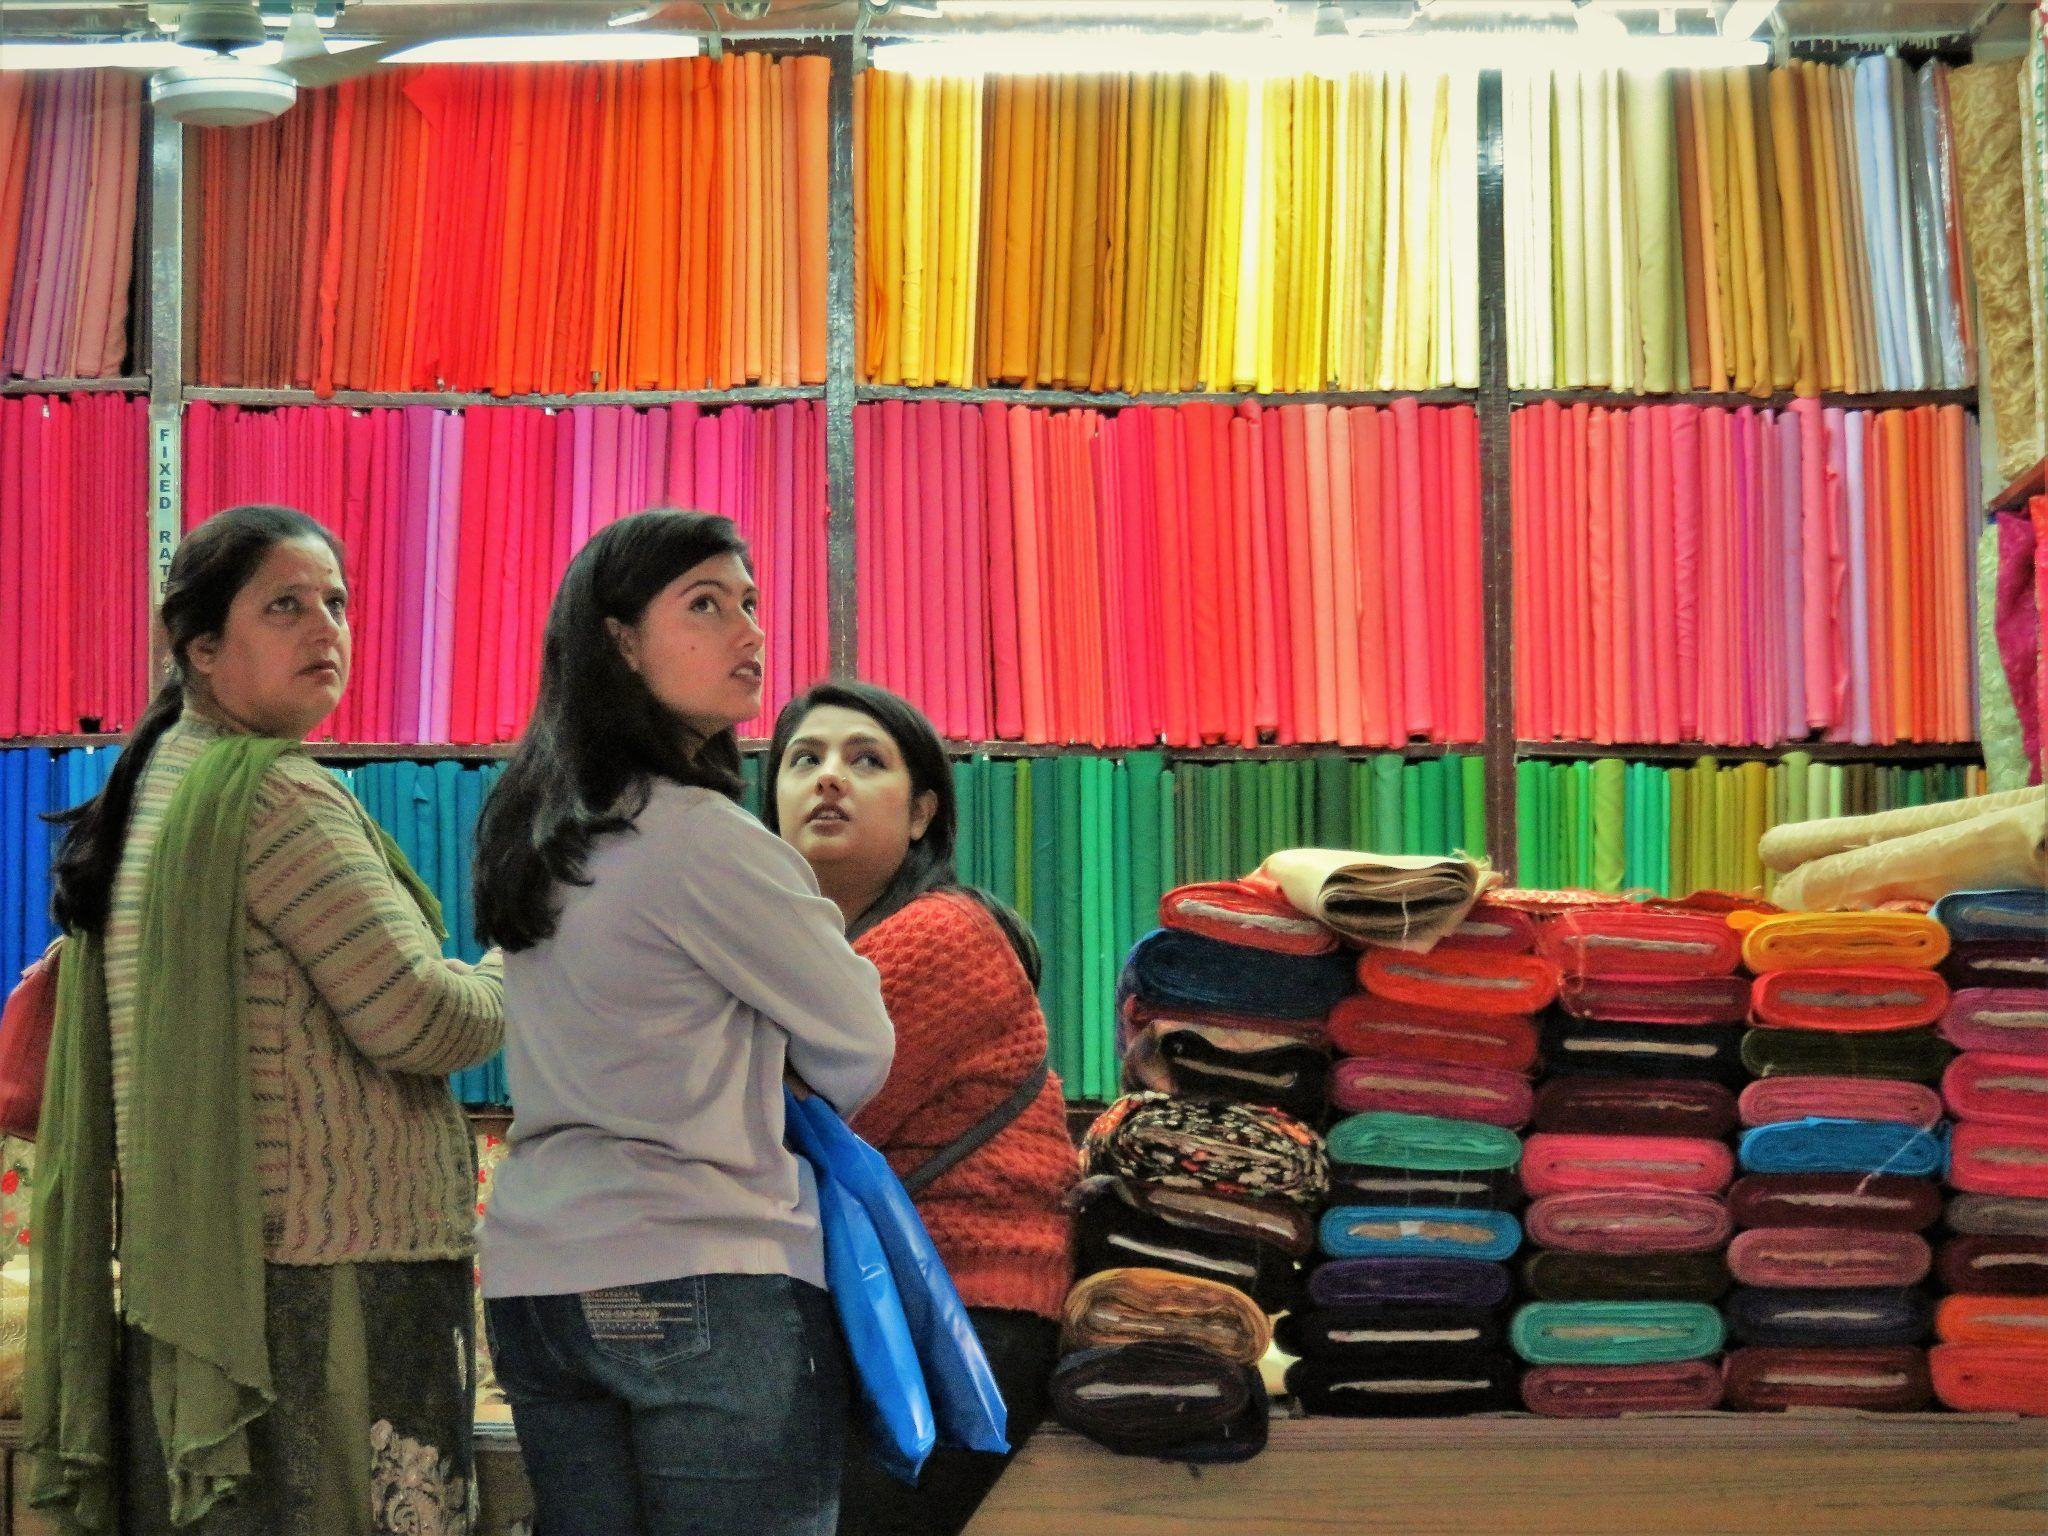 Comercio de telas, Katmandú, Nepal